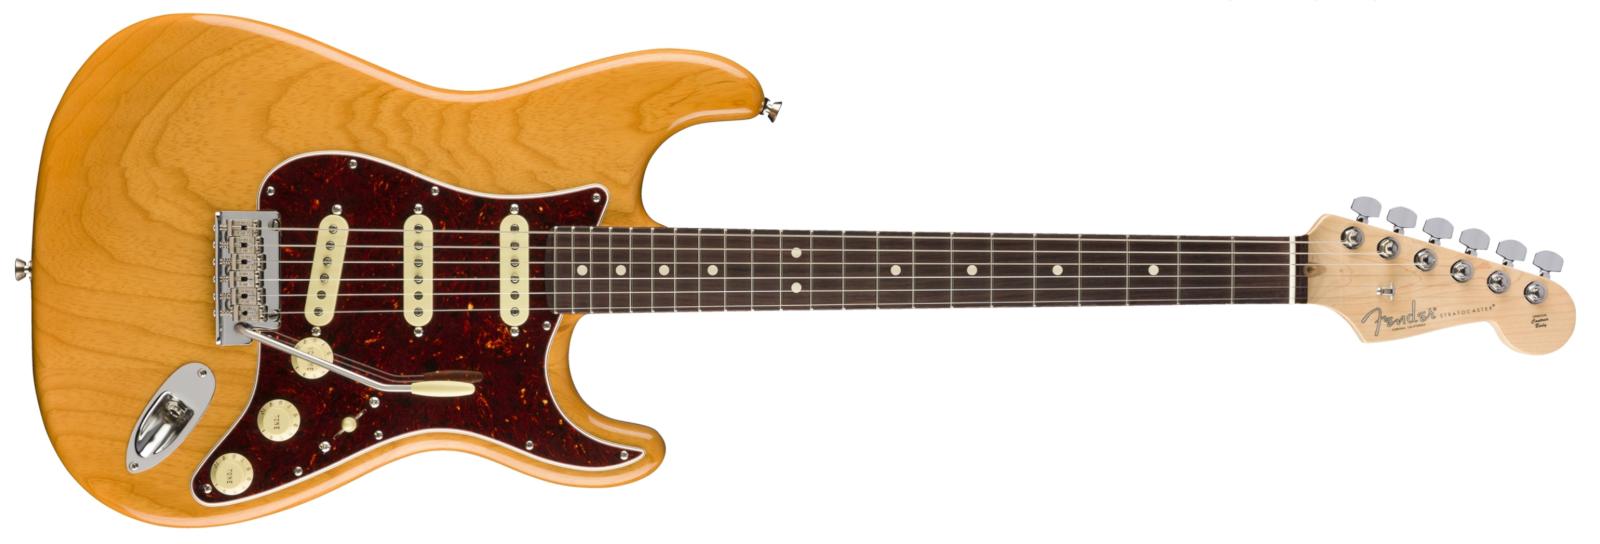 【送料無料】Fender LIMITED EDITION LIGHTWEIGHT ASH AMERICAN PROFESSIONAL STRATOCASTER®  フェンダー ストラト【即納可能】